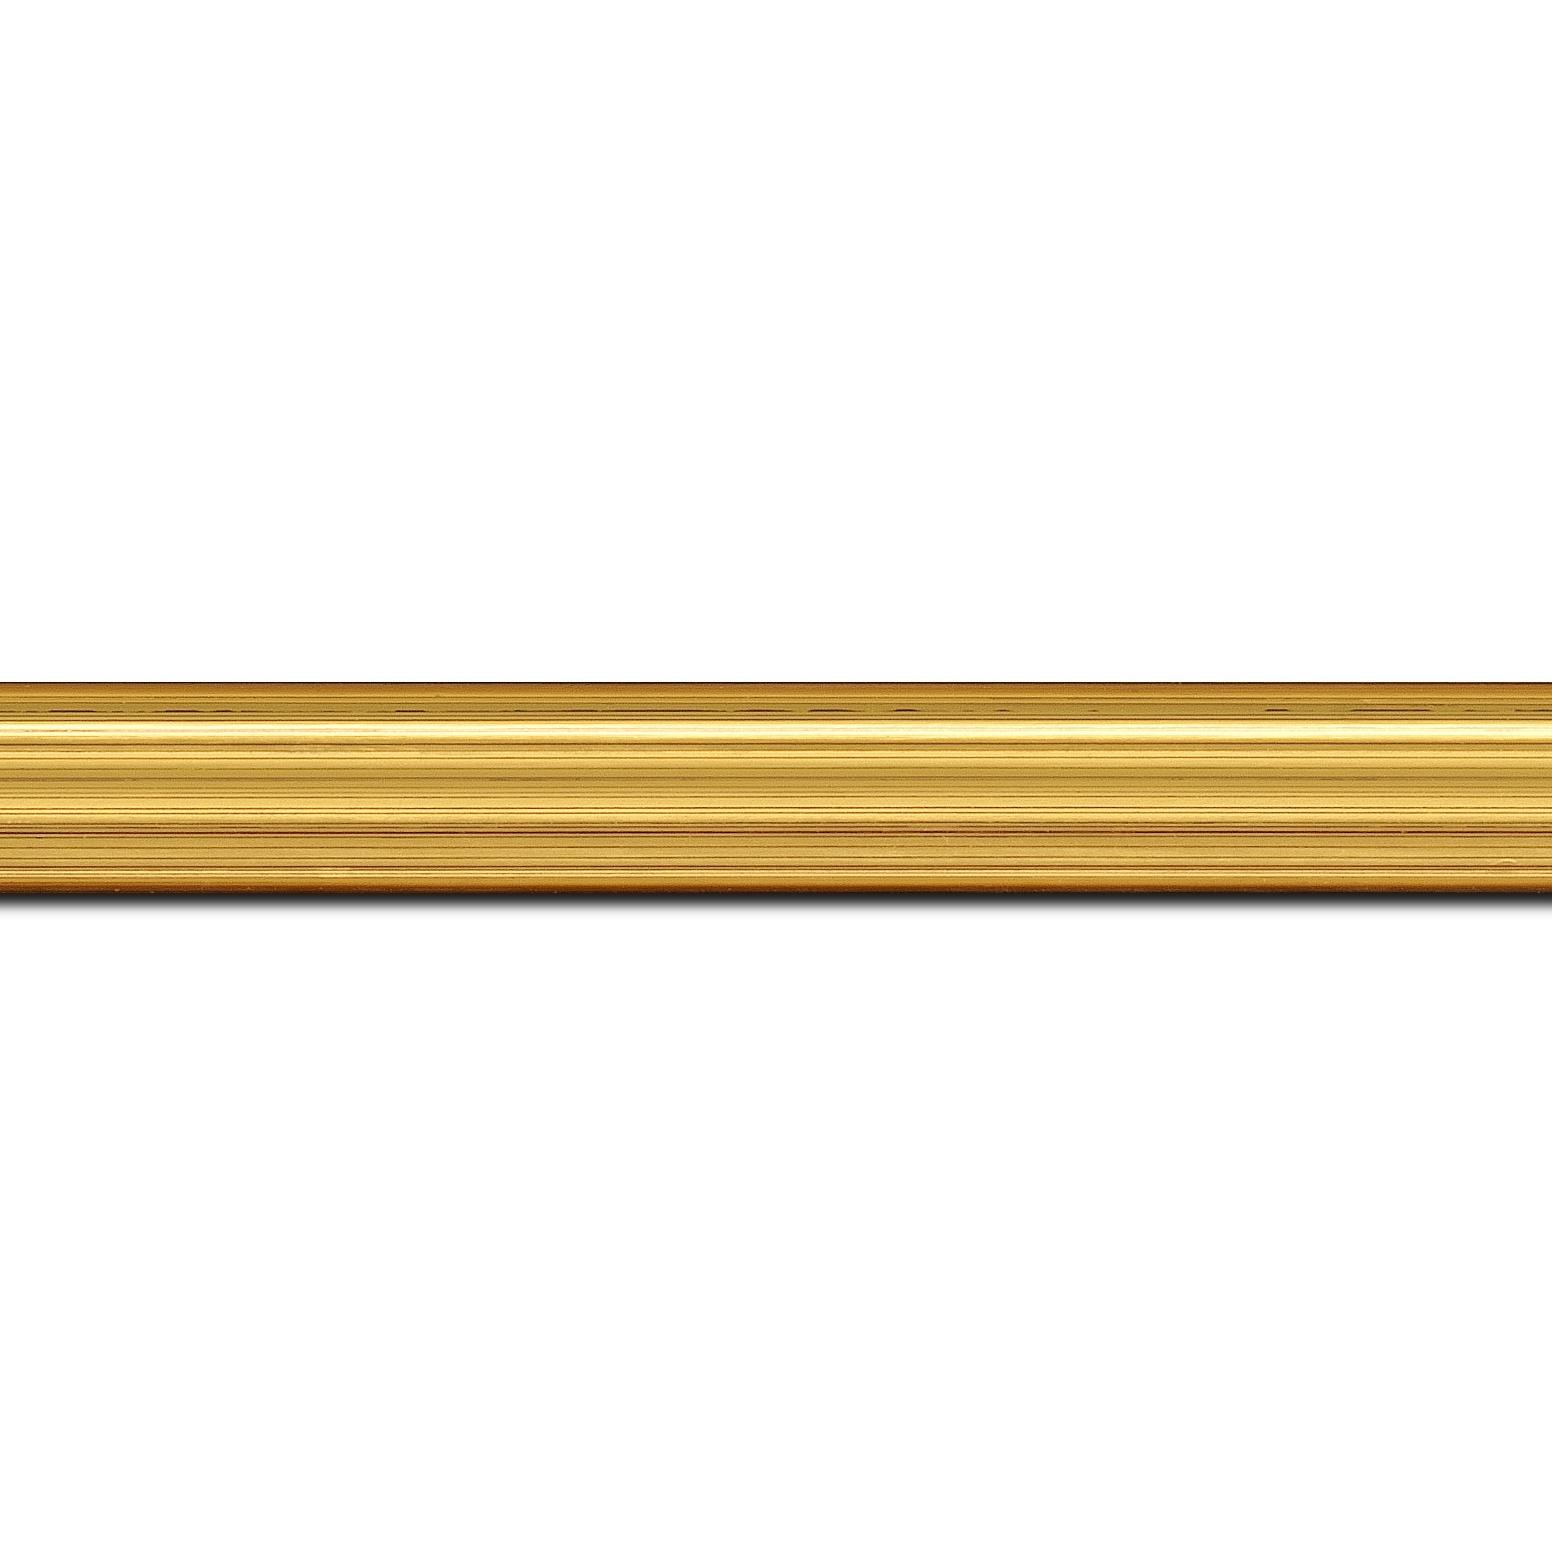 Pack par 12m, bois profil incurvé largeur 2.1cm or satiné(longueur baguette pouvant varier entre 2.40m et 3m selon arrivage des bois)